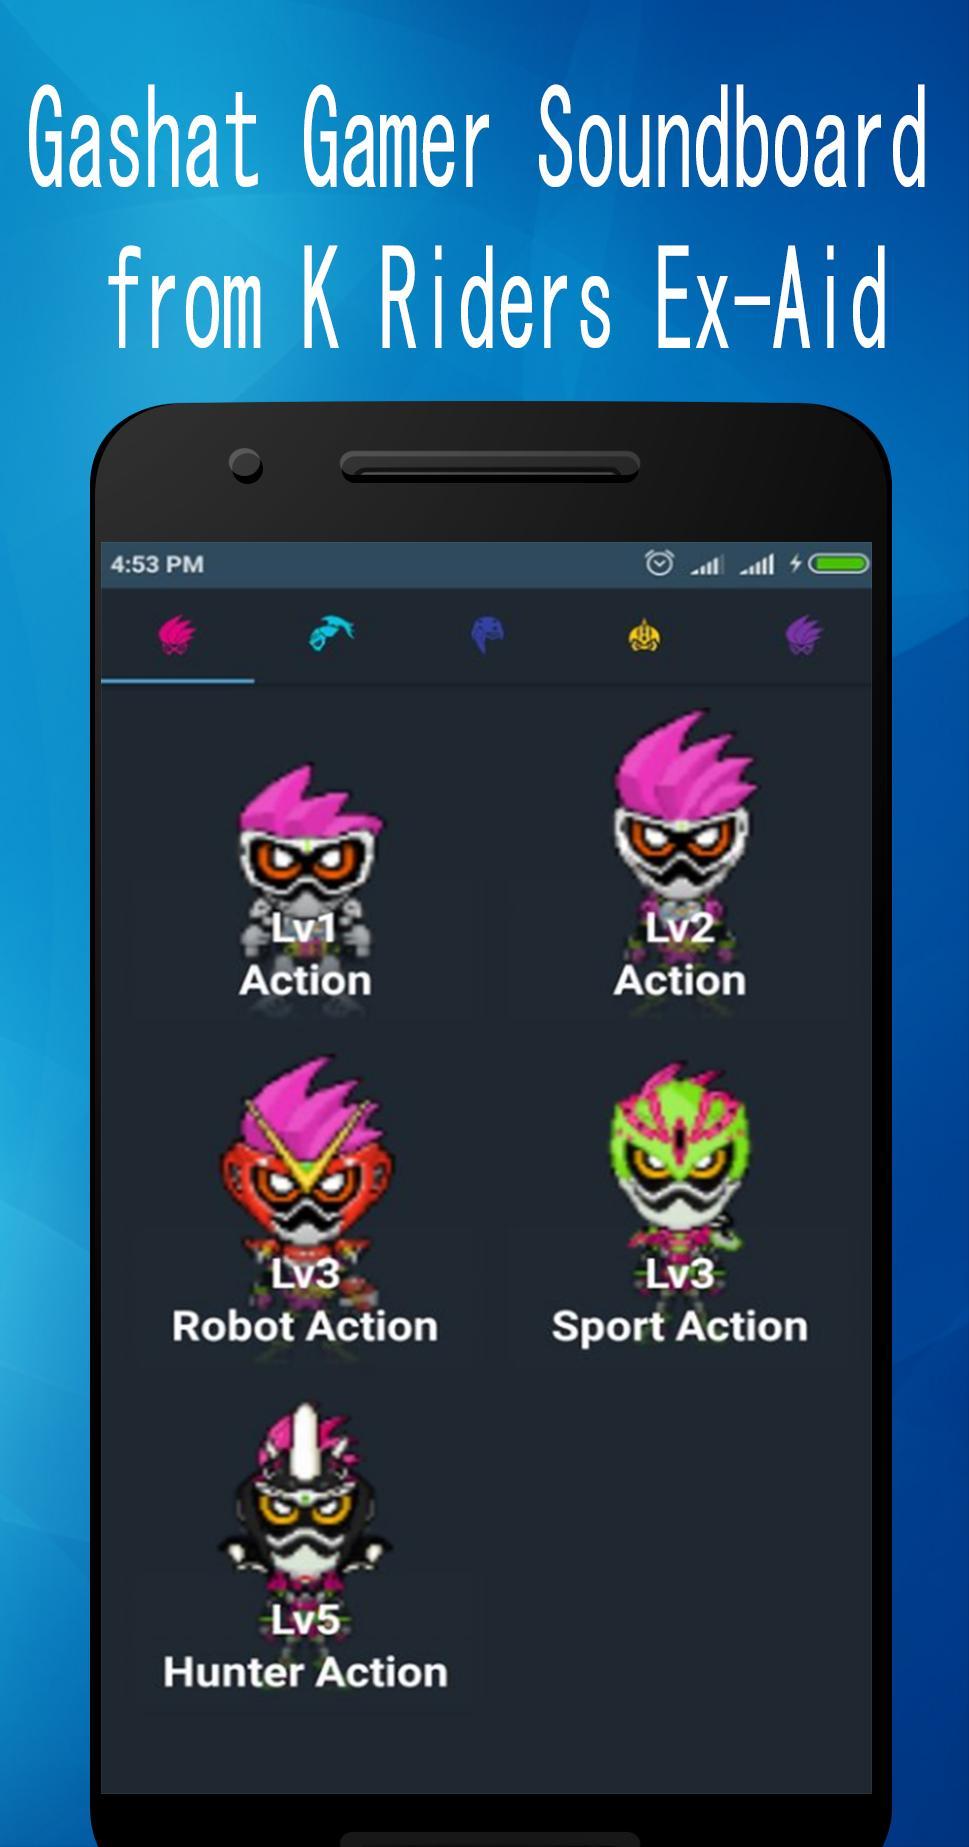 Gashat Gamer Soundboard for Android - APK Download